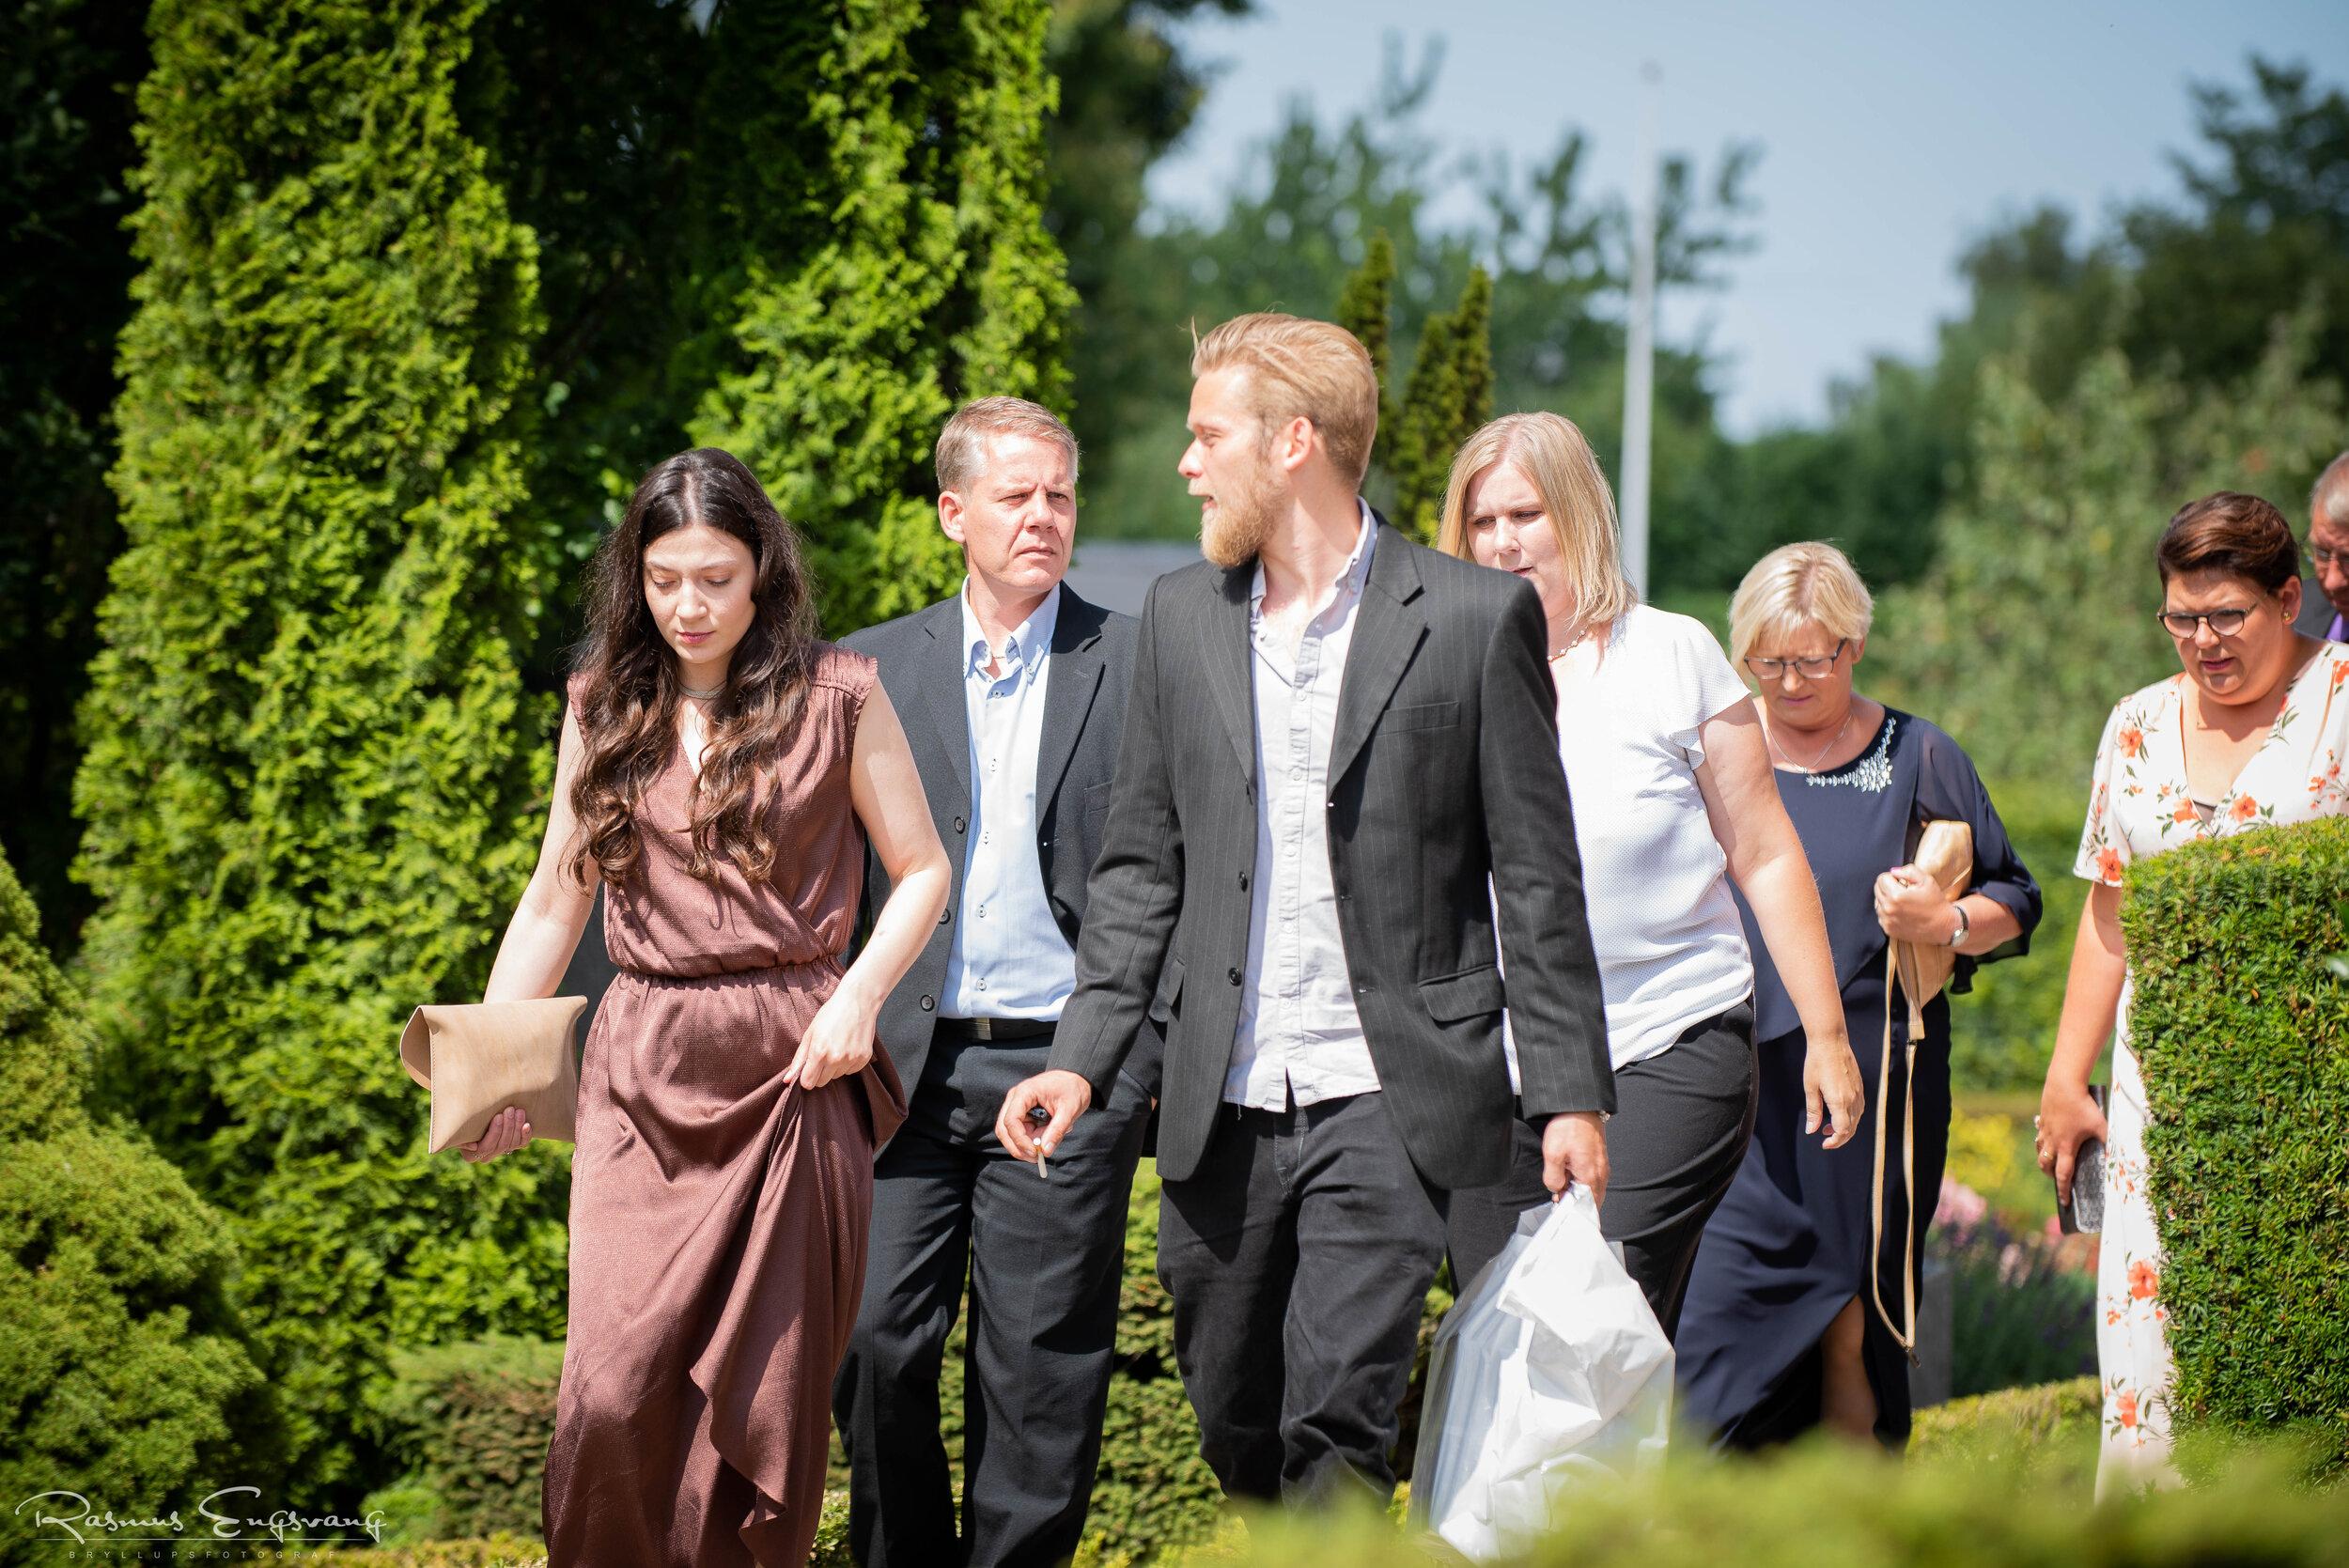 Bryllupsfotograf_Sjælland_Humleorehus_Vigersted-103.jpg